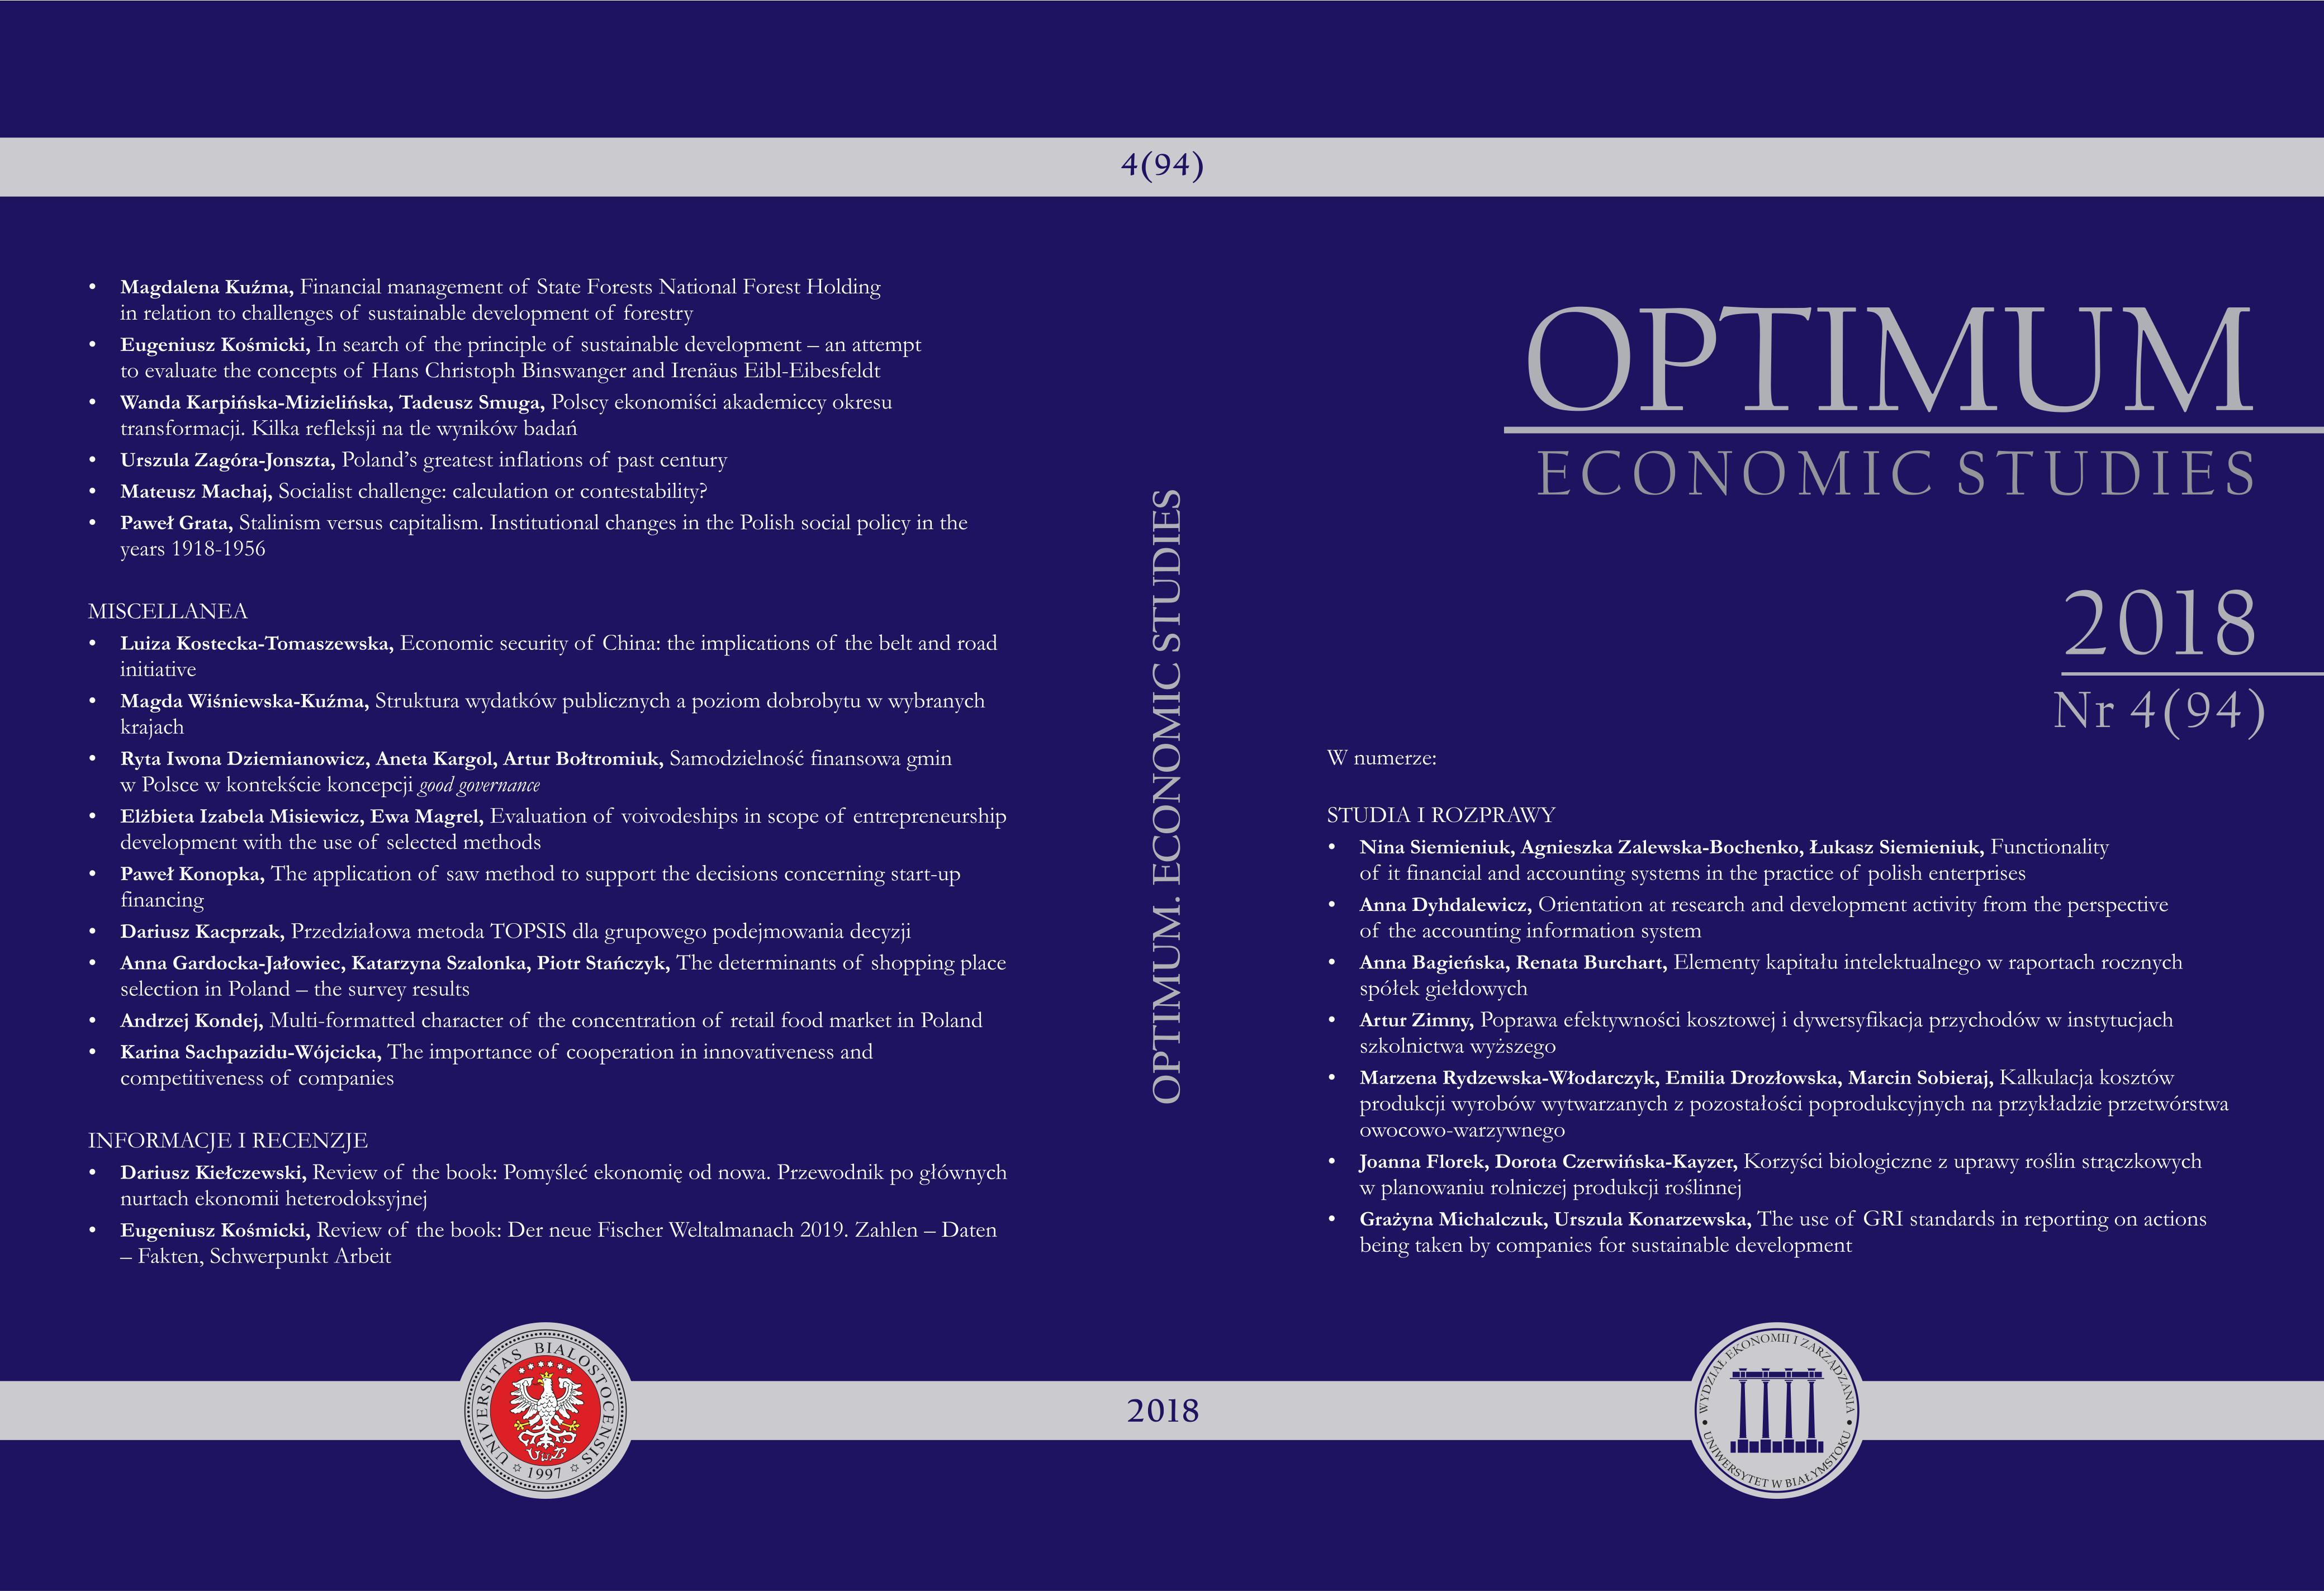 Optimum nr 4(94) 2018